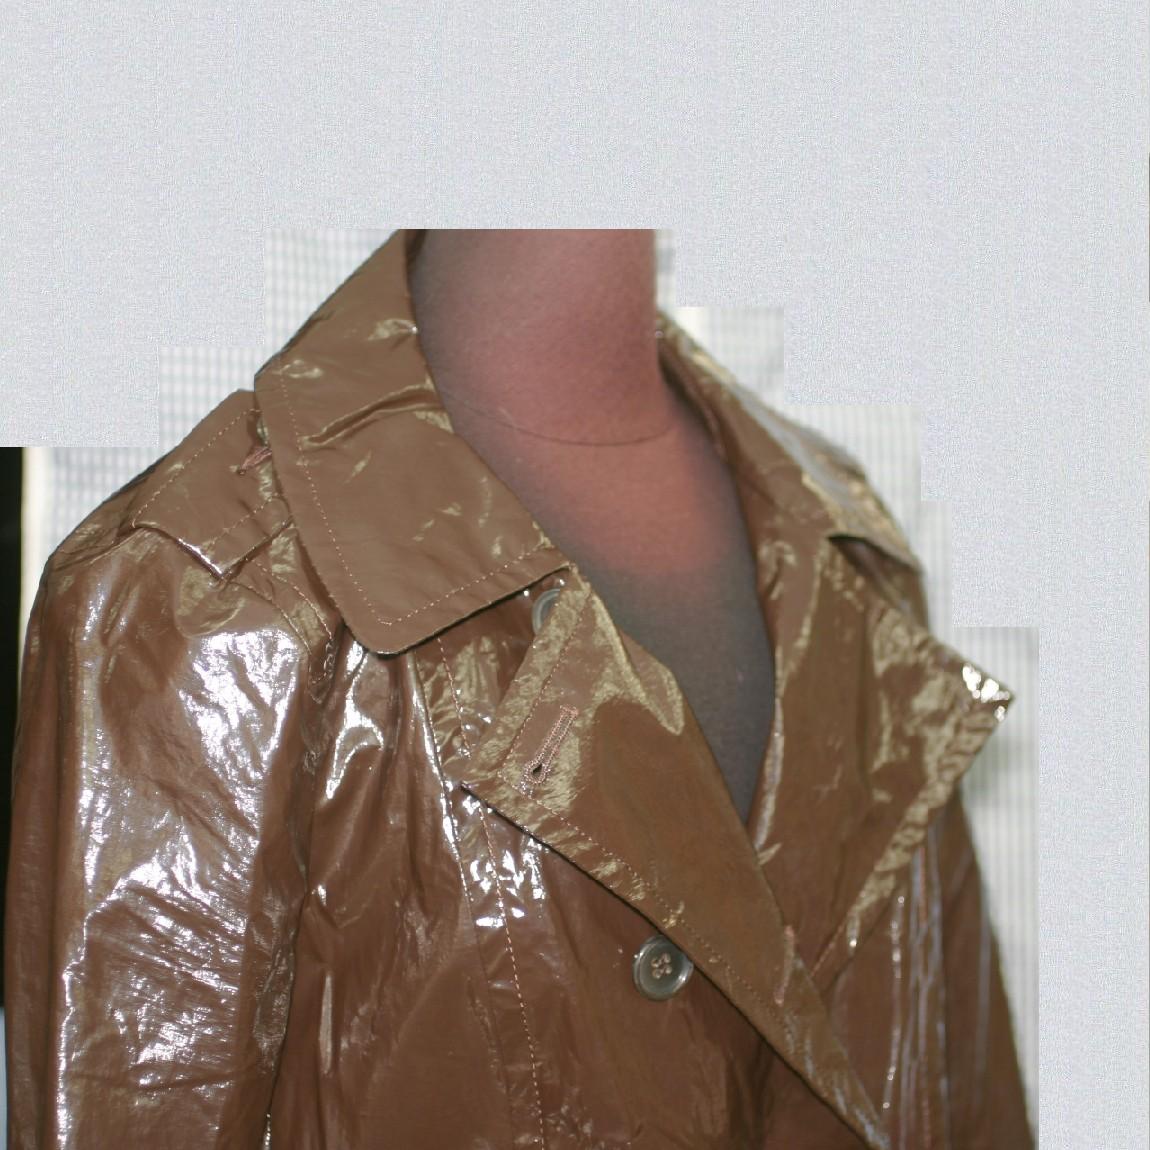 【中古】本物綺麗プラダ女性用焦げ茶ナイロン素材着丈100センチサイズ表記Mの軽いコートベルト付き